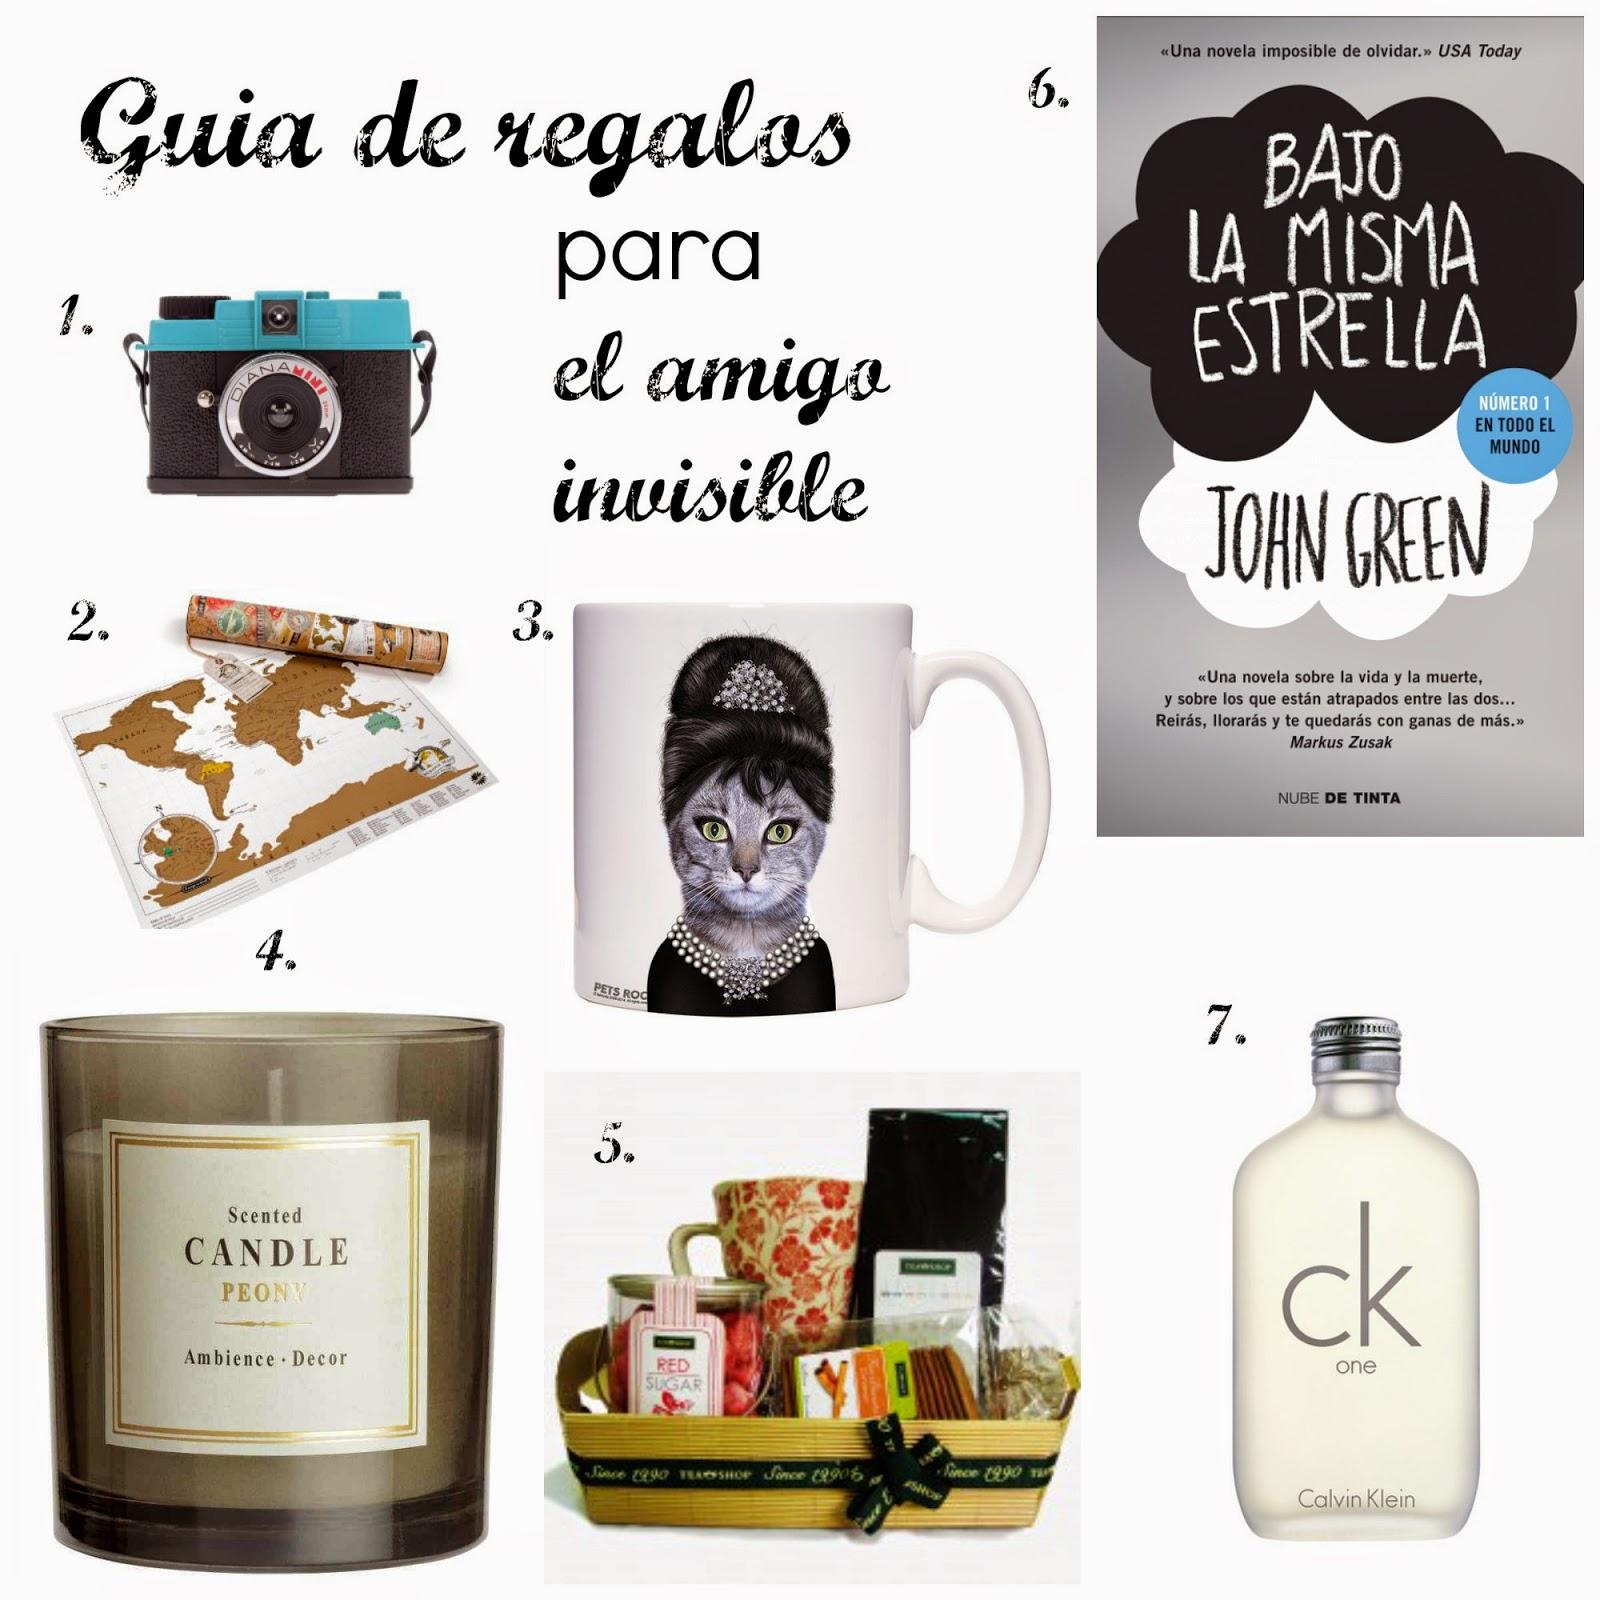 ideas amigo invisible Navidad detalles baratos el ella unisex regalos originales que regalar qué comprar